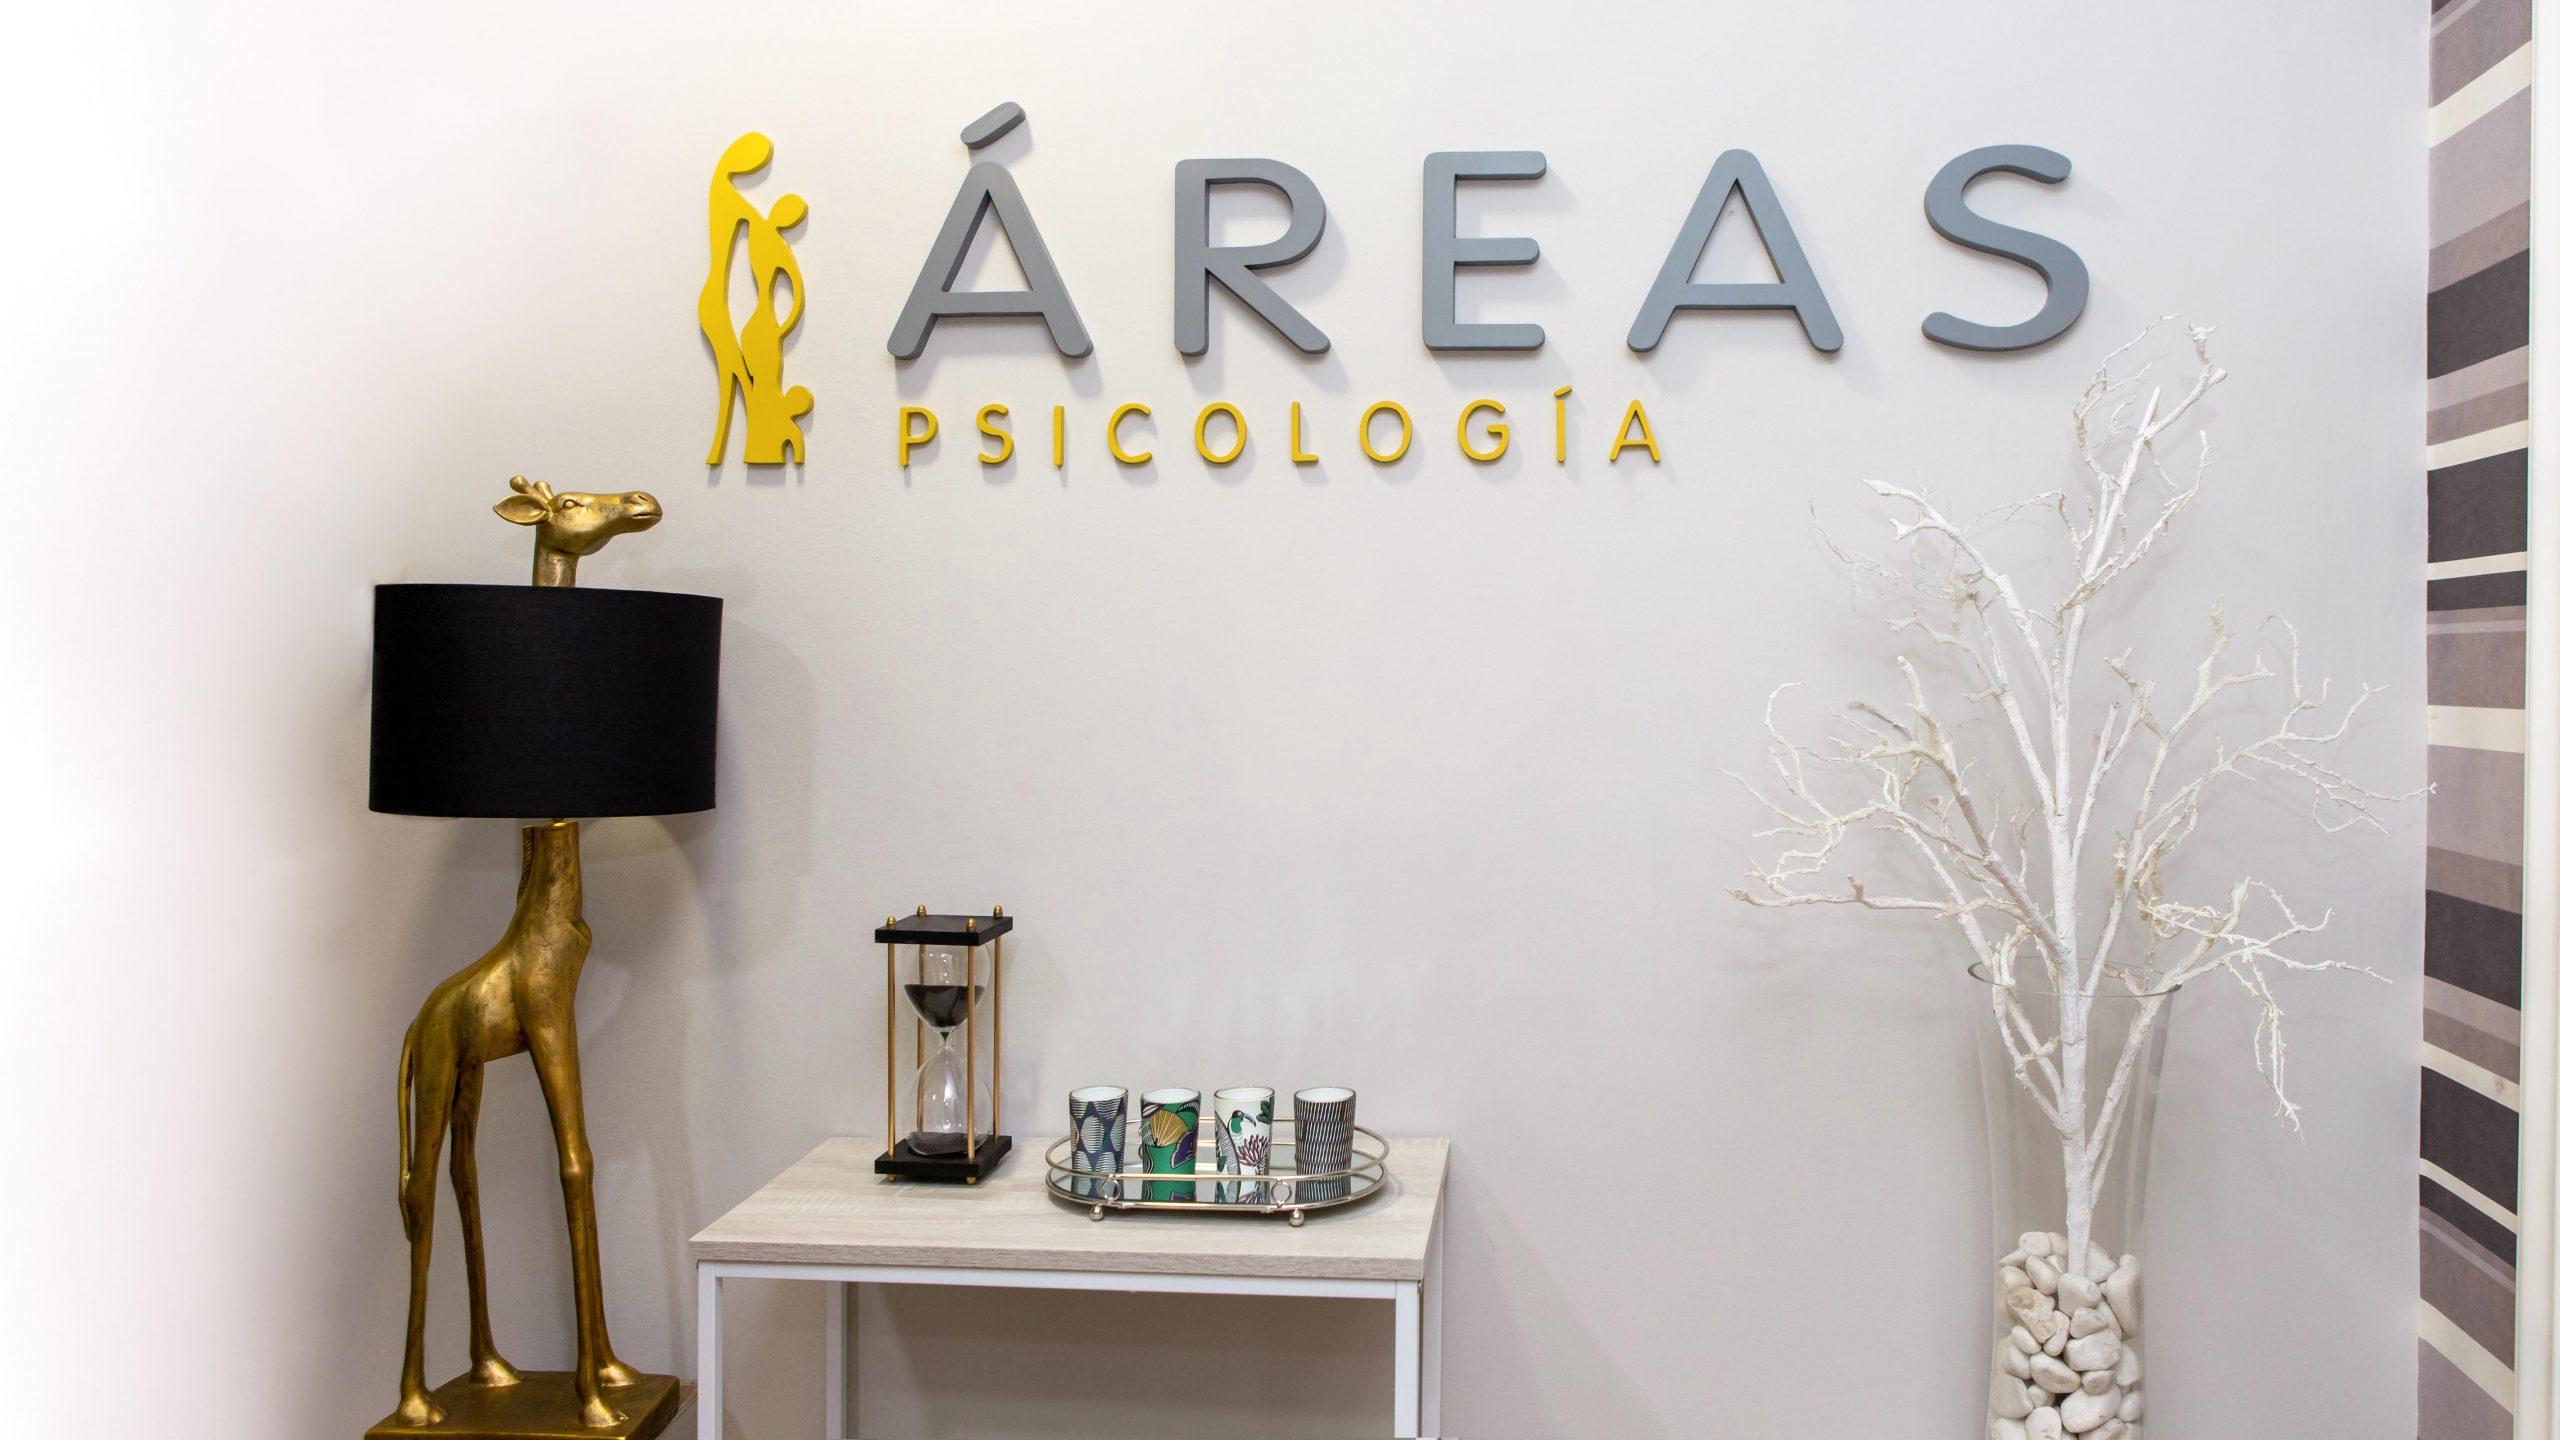 Áreas Psicología Clínica de psicología en Cangas do Morrazo